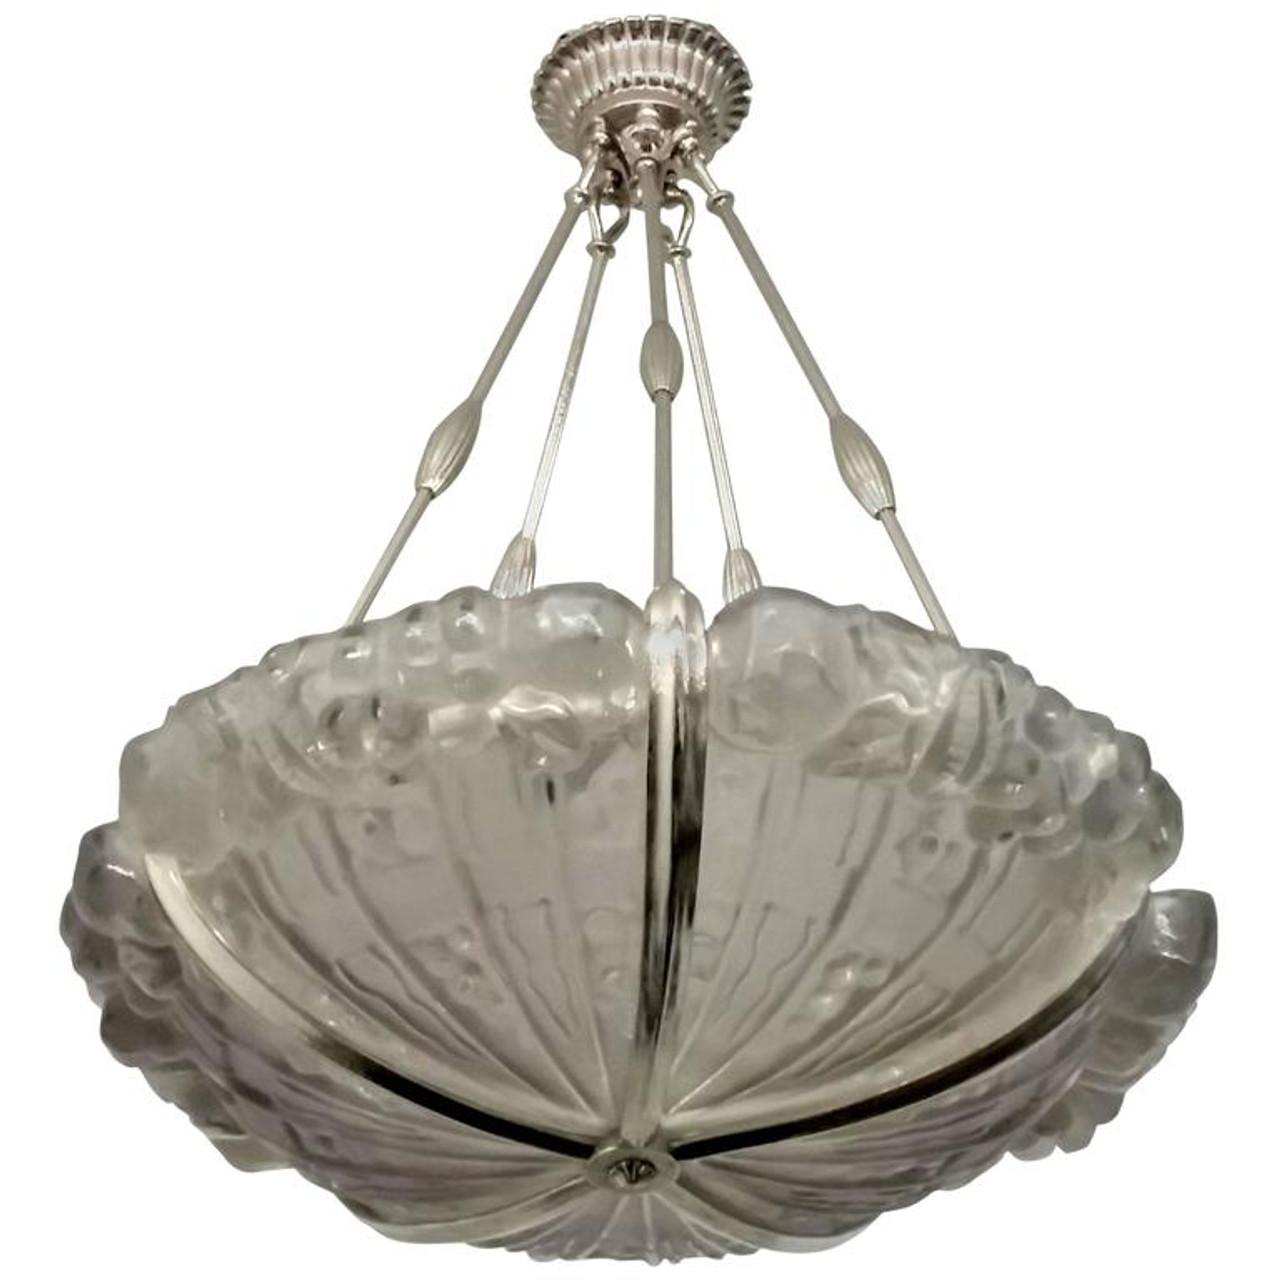 French Art Deco Pendant Chandelier By Genet Et Michon Lu161925884443 Lampem